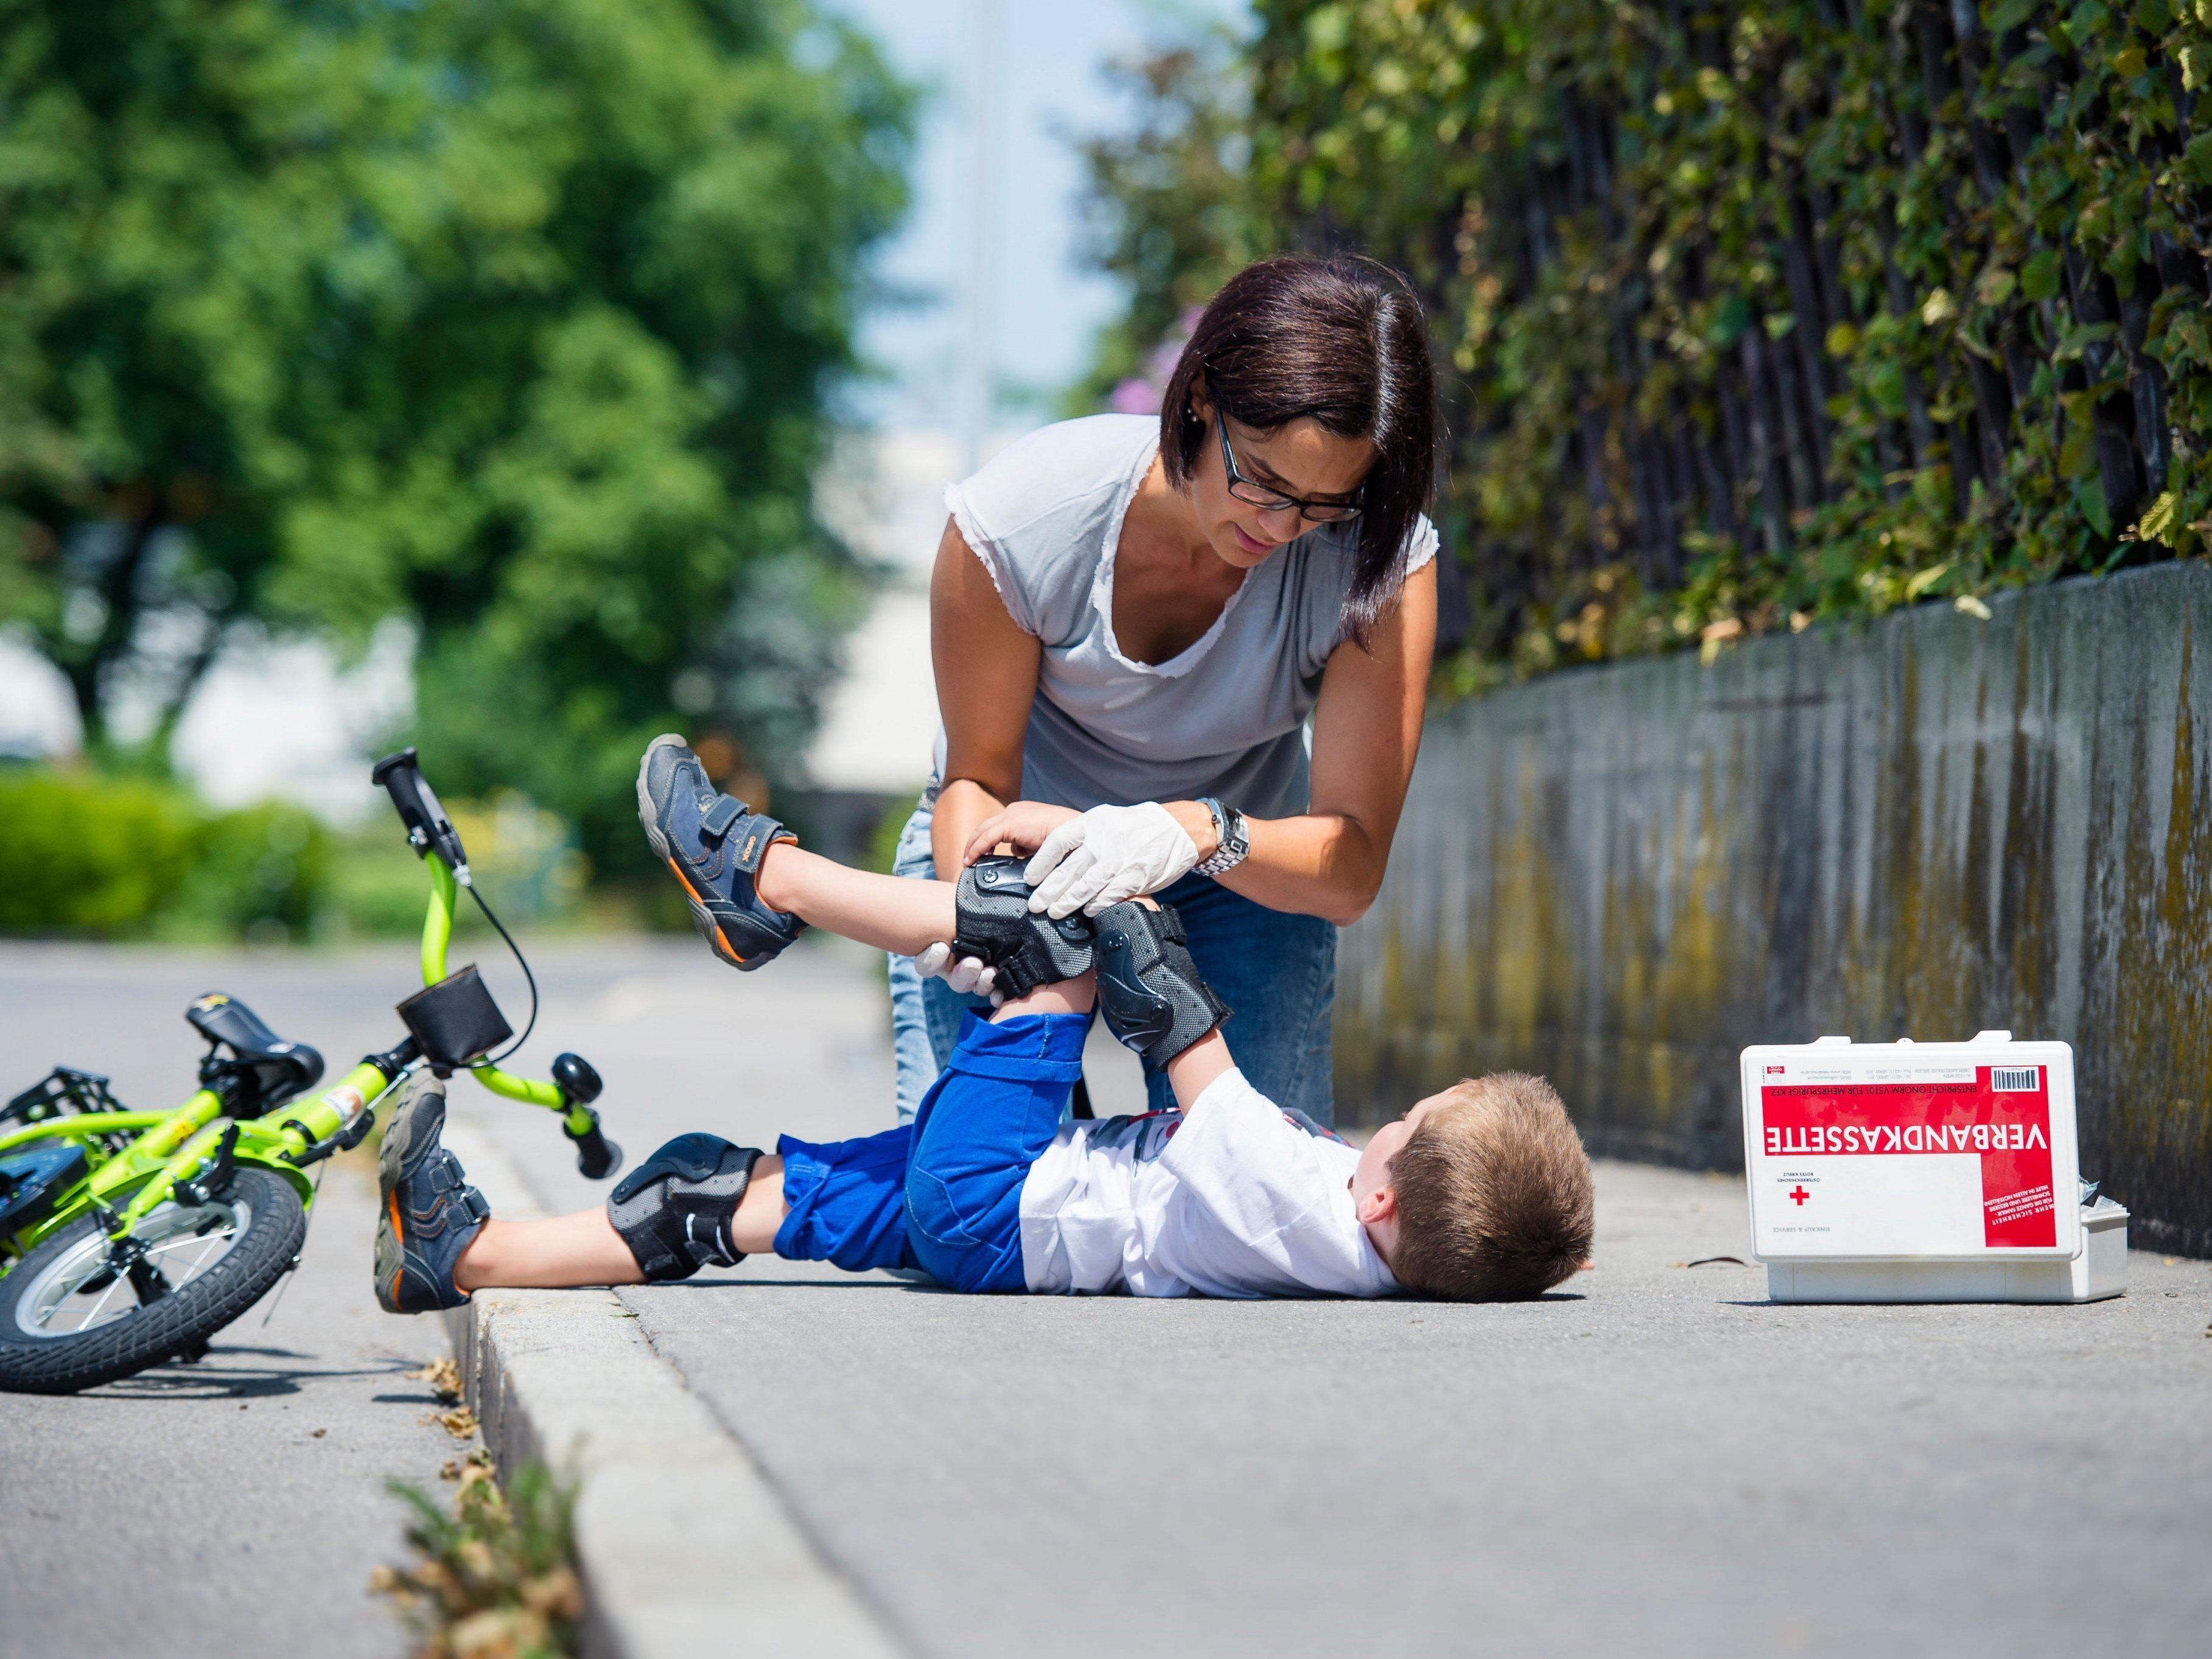 Wichtige Betreuung einer engagierten Ersthelferin an der Unfallstelle.